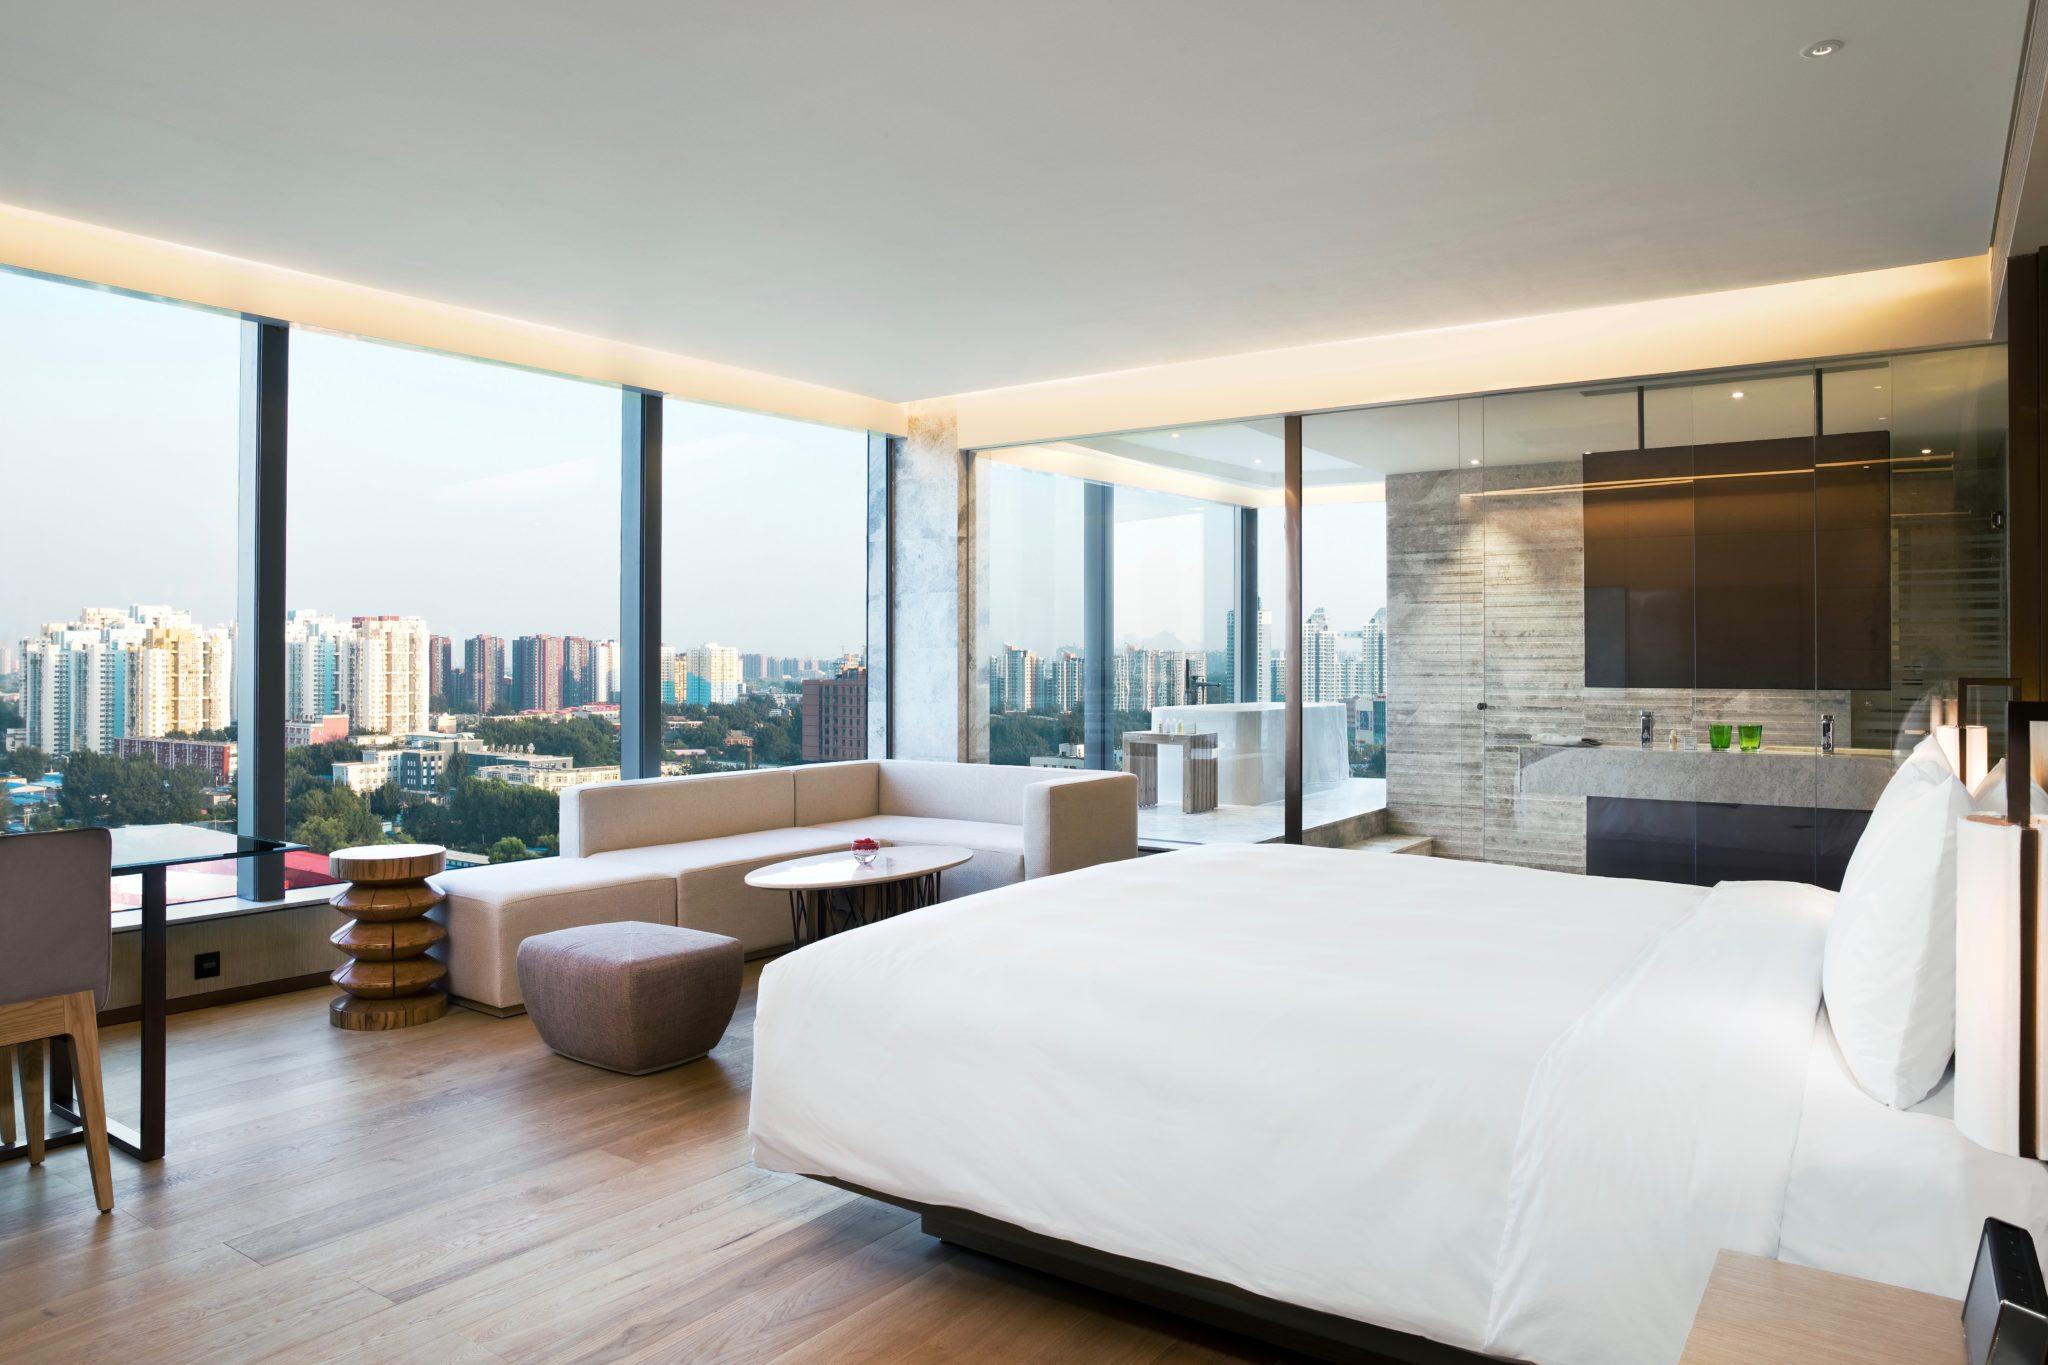 EAST Hotel Peking: Das Studio ist eines der größten Zimmer des Hotels